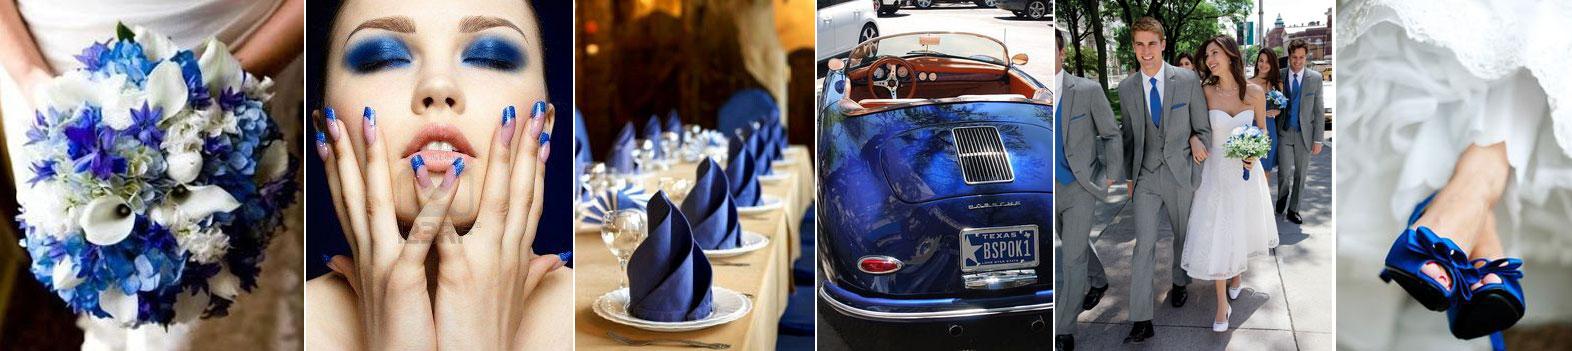 poradnik ślubny wedding planner'ki - inspiracje motyw niebiestki ślub